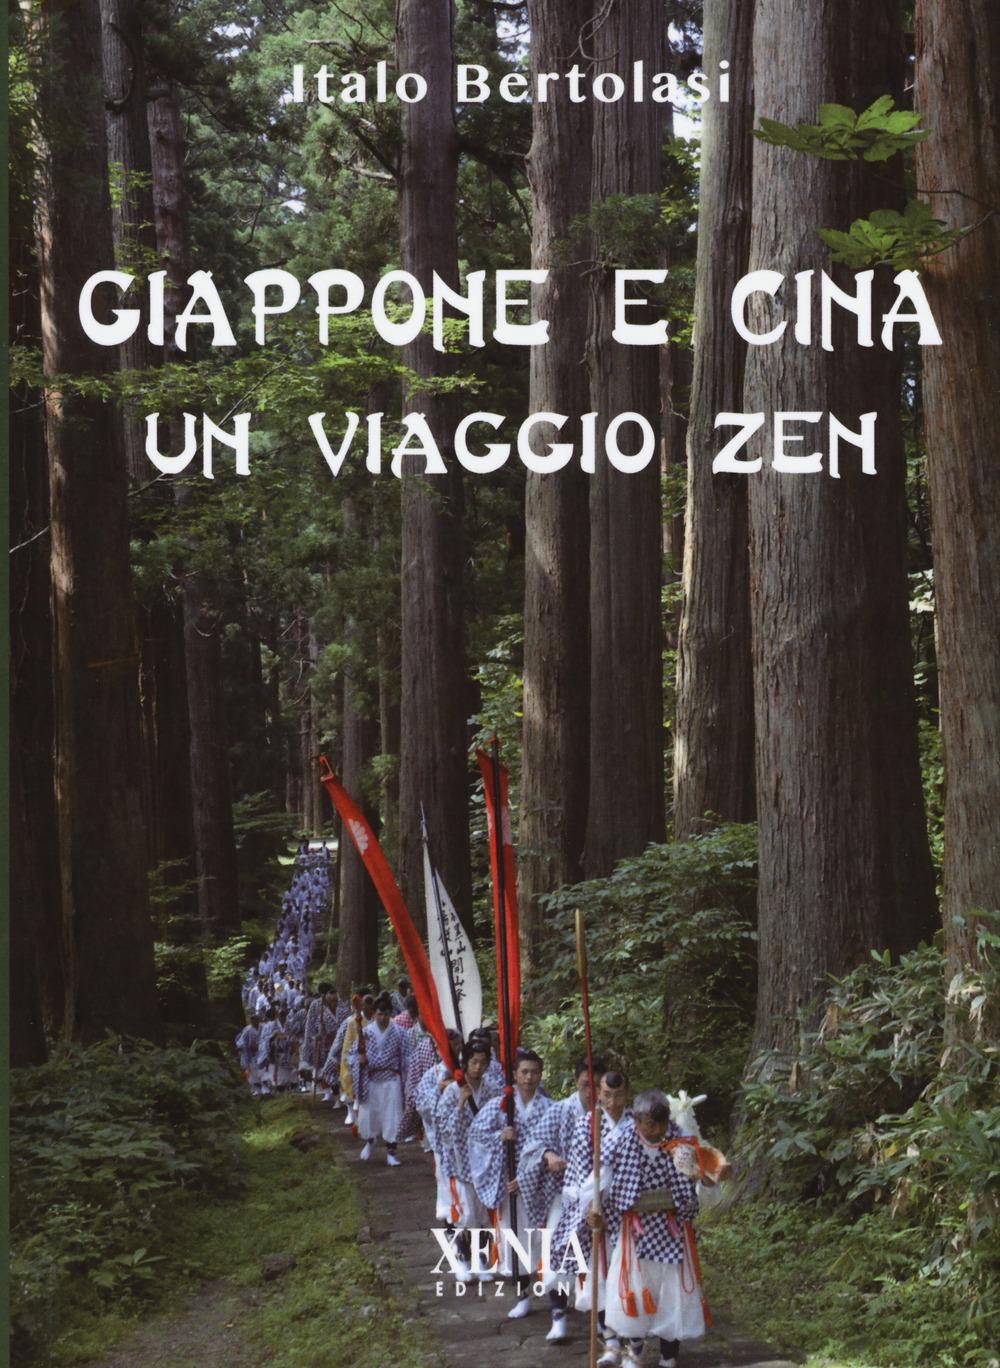 GIAPPONE E CINA. UN VIAGGIO ZEN - Bertolasi Italo - 9788872738757